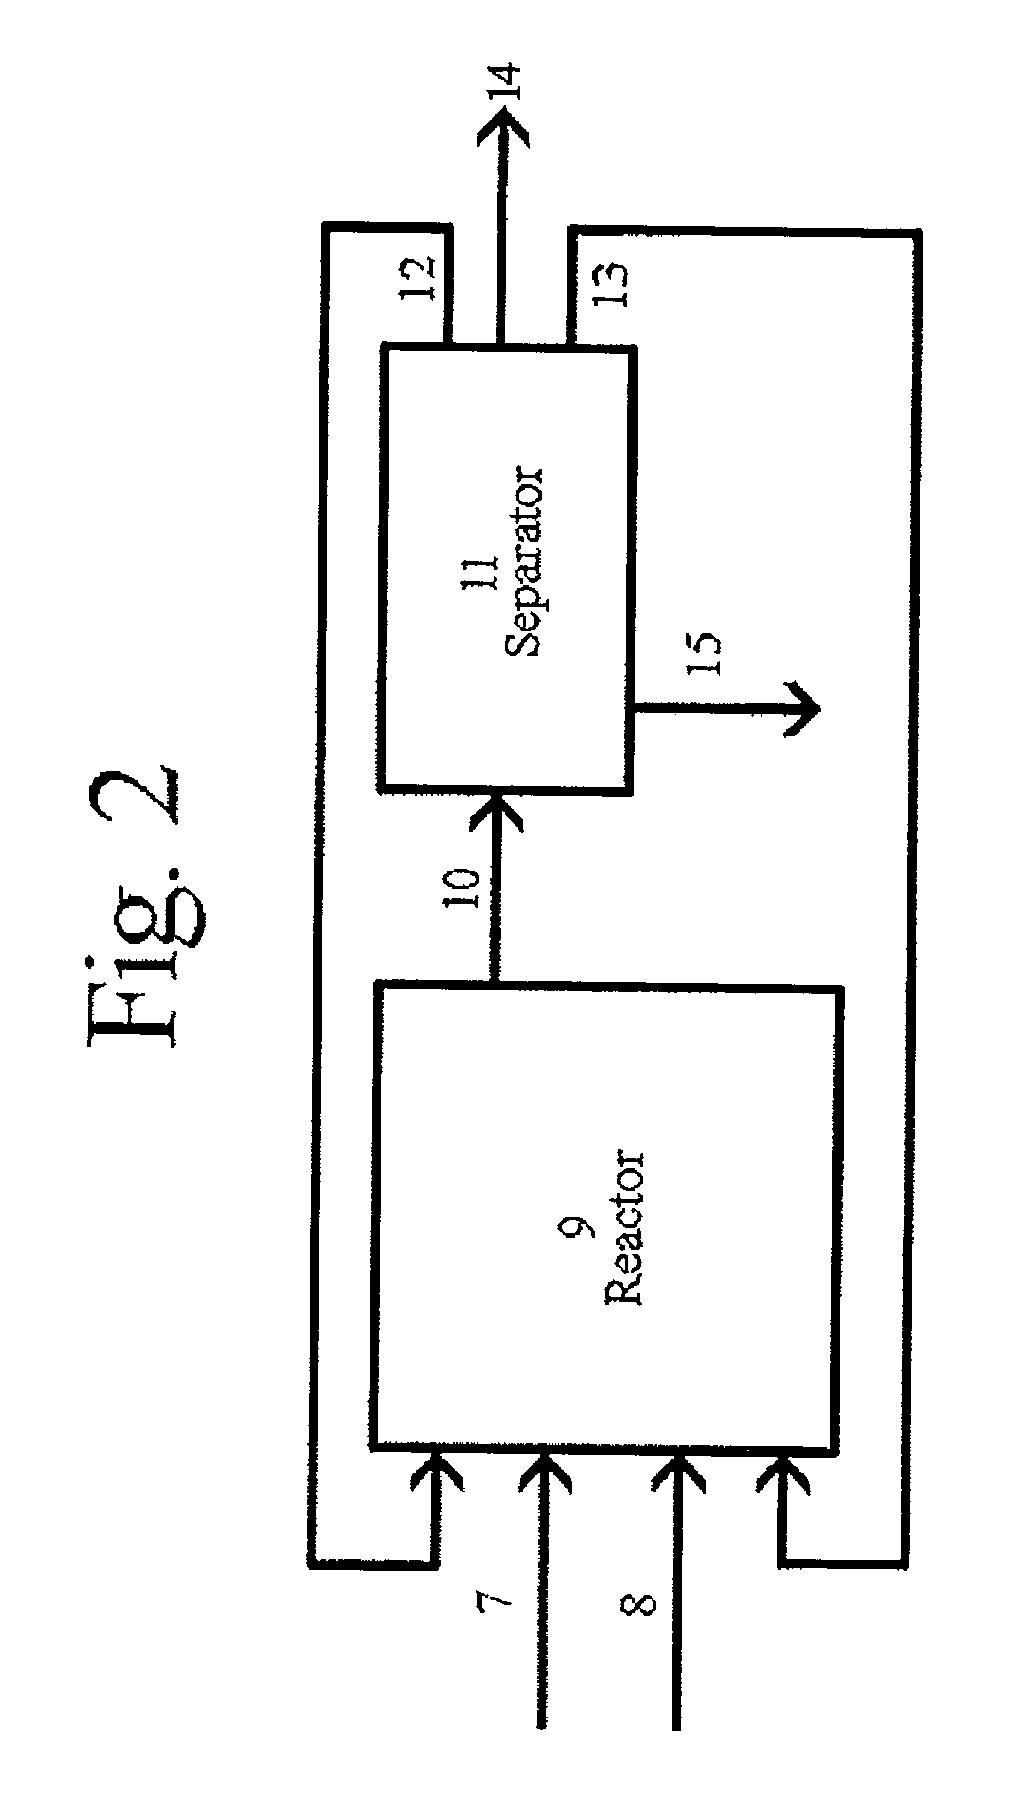 patent us20120238789